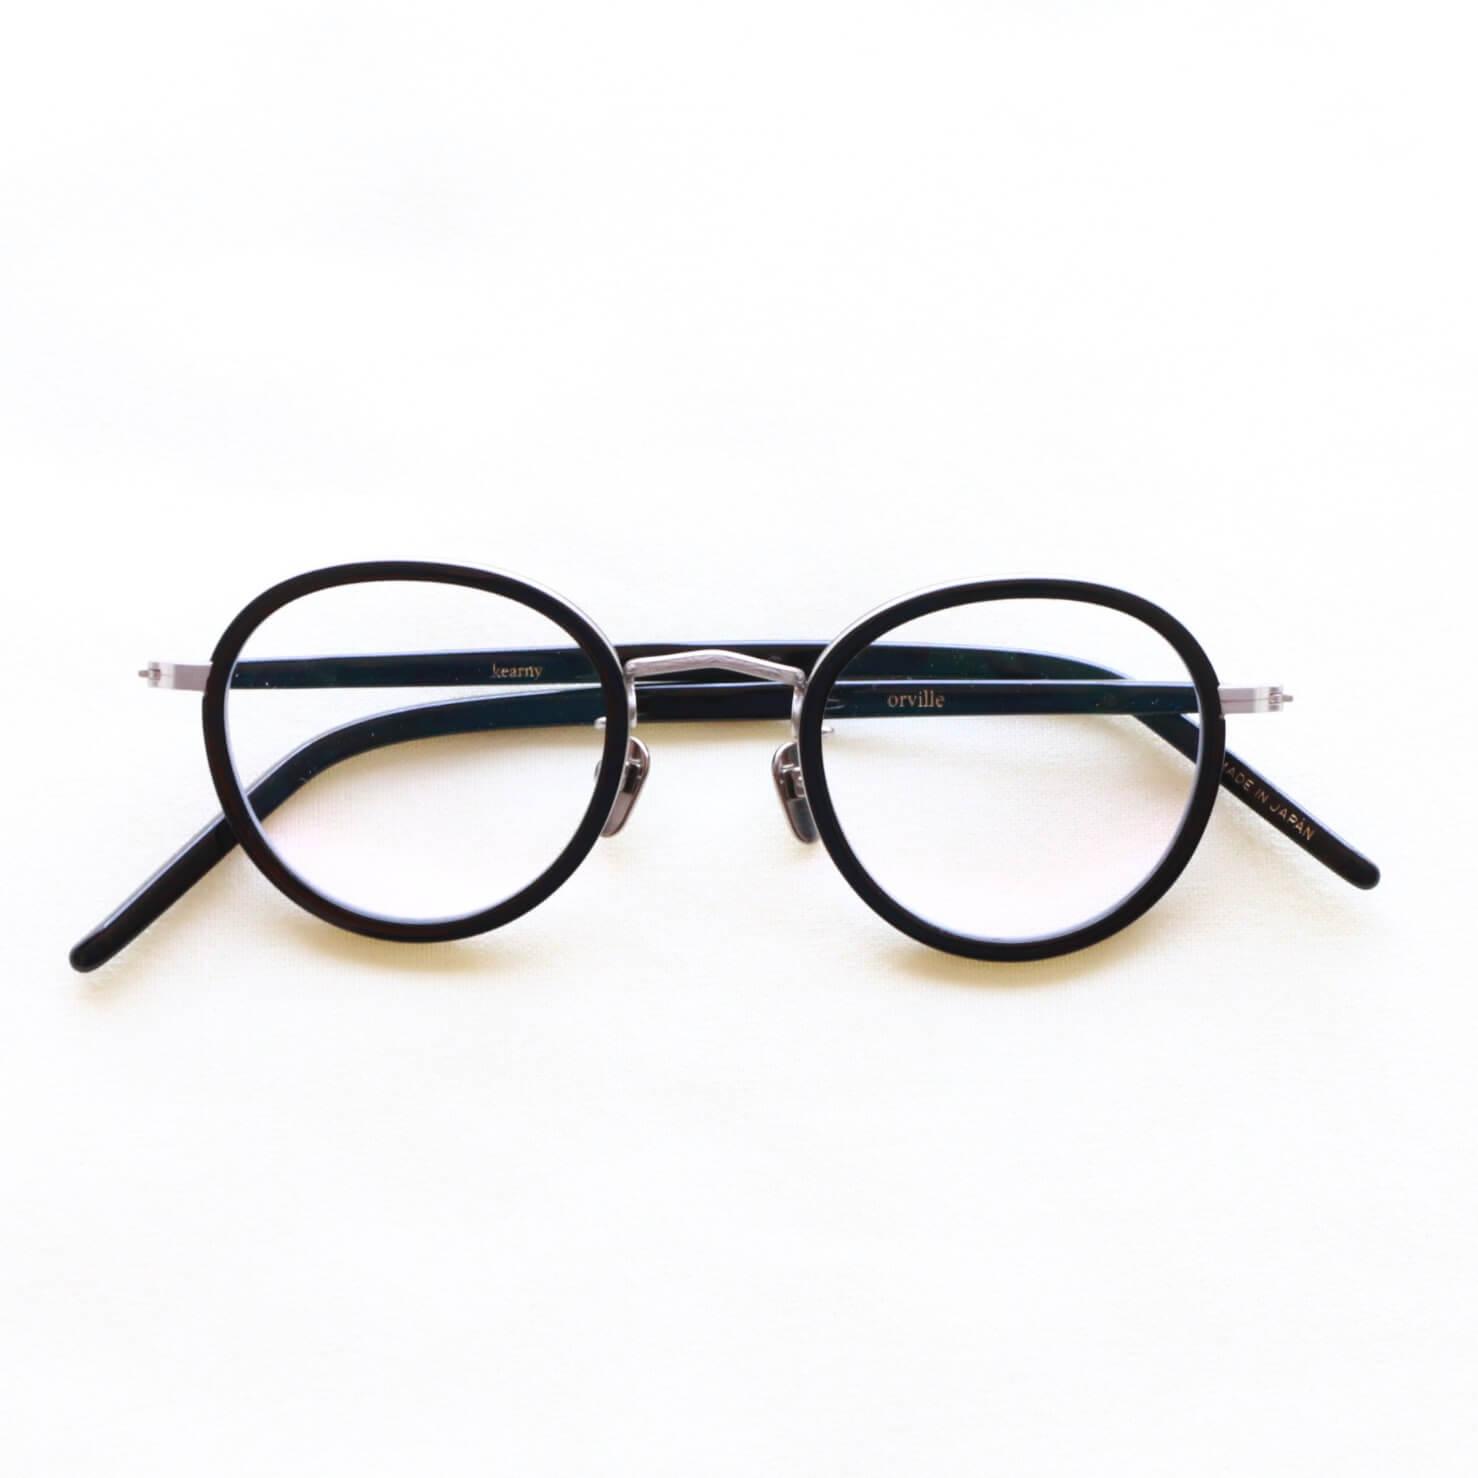 セルロイド眼鏡 kearny カーニー orvile オービル